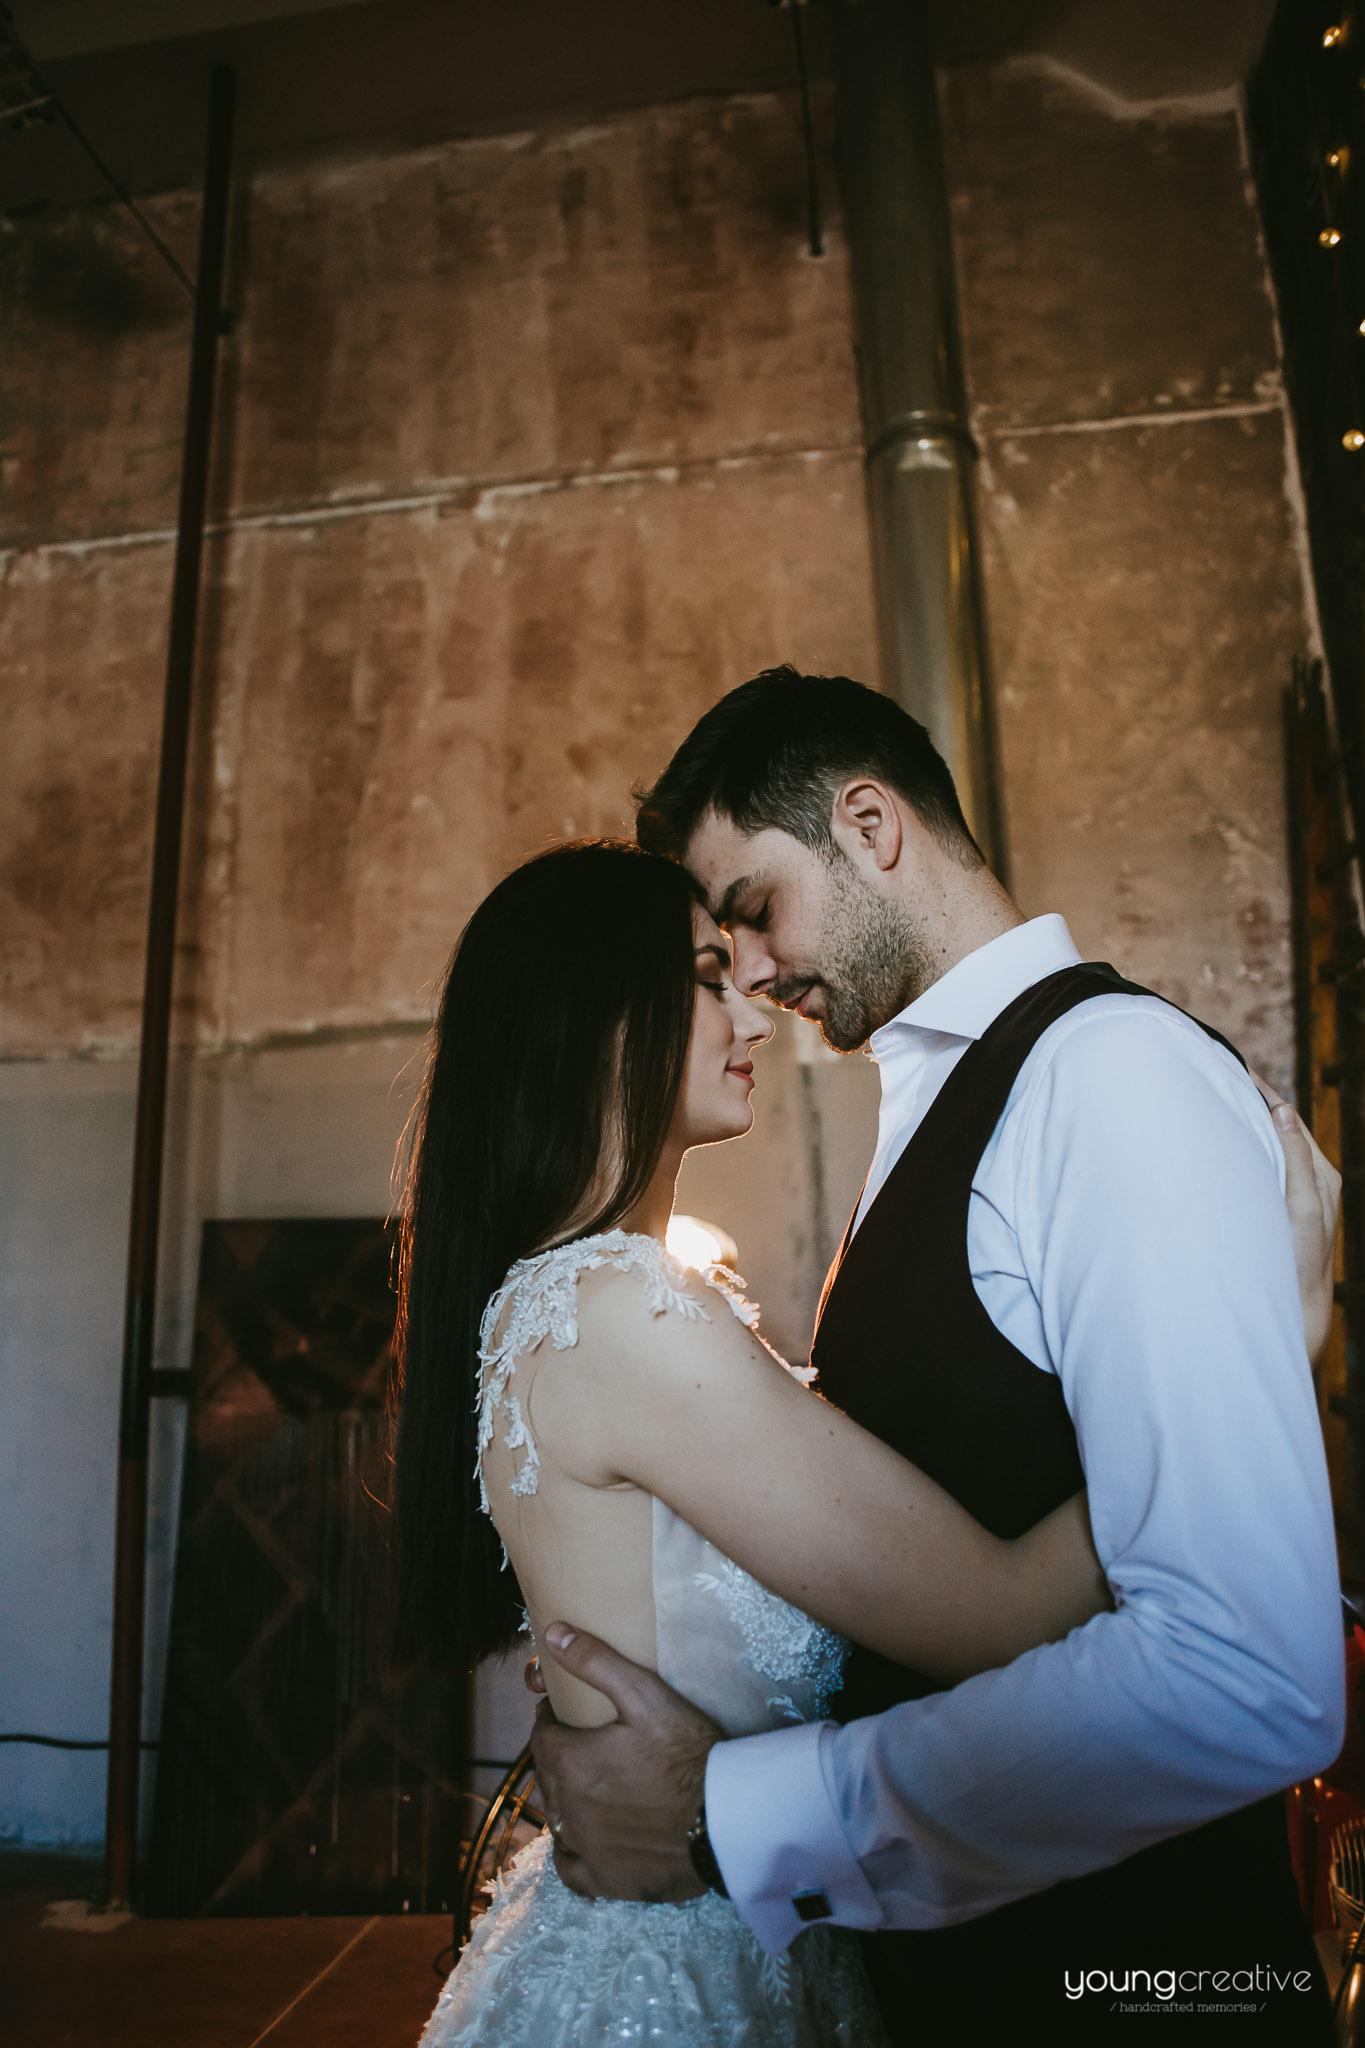 Daiana & Marius, Trash the Dress | youngcreative.info media © Dan Filipciuc, Cristina Bejan | fotograf de destinatie, nunta